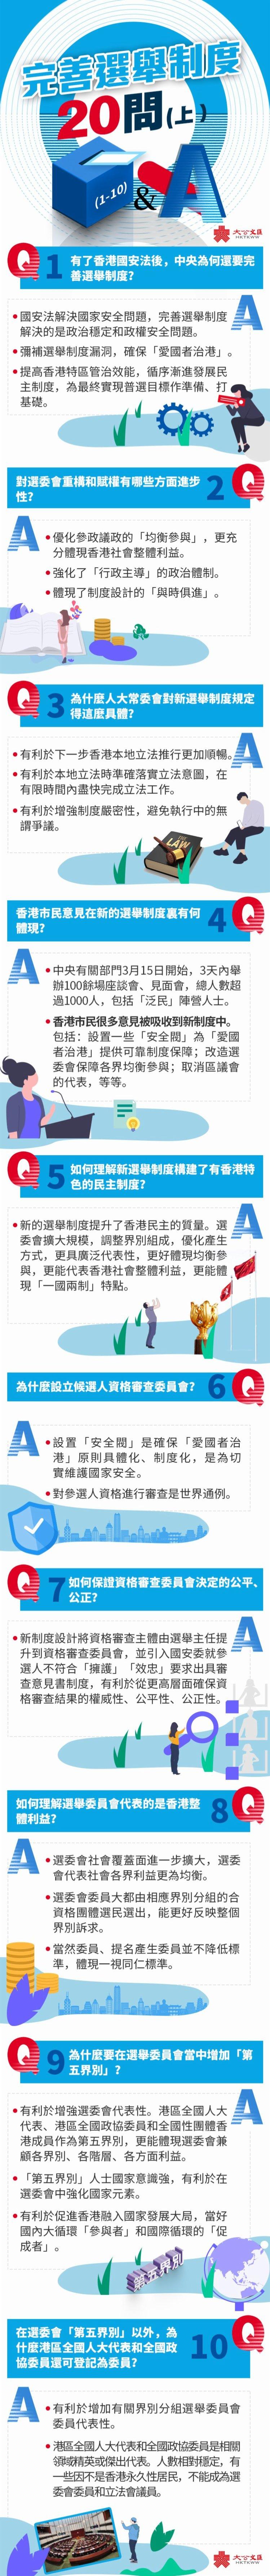 知多點|完善選舉制度二十問(上)